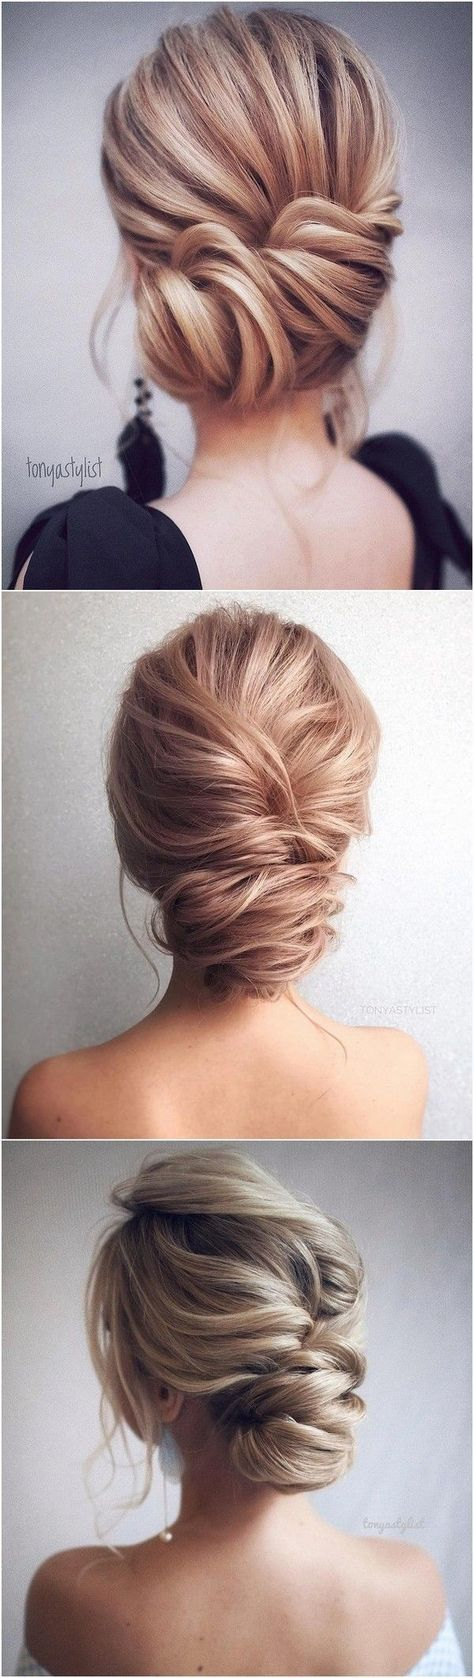 so pretty updo wedding hairstyles from tonyapushkareva elegant